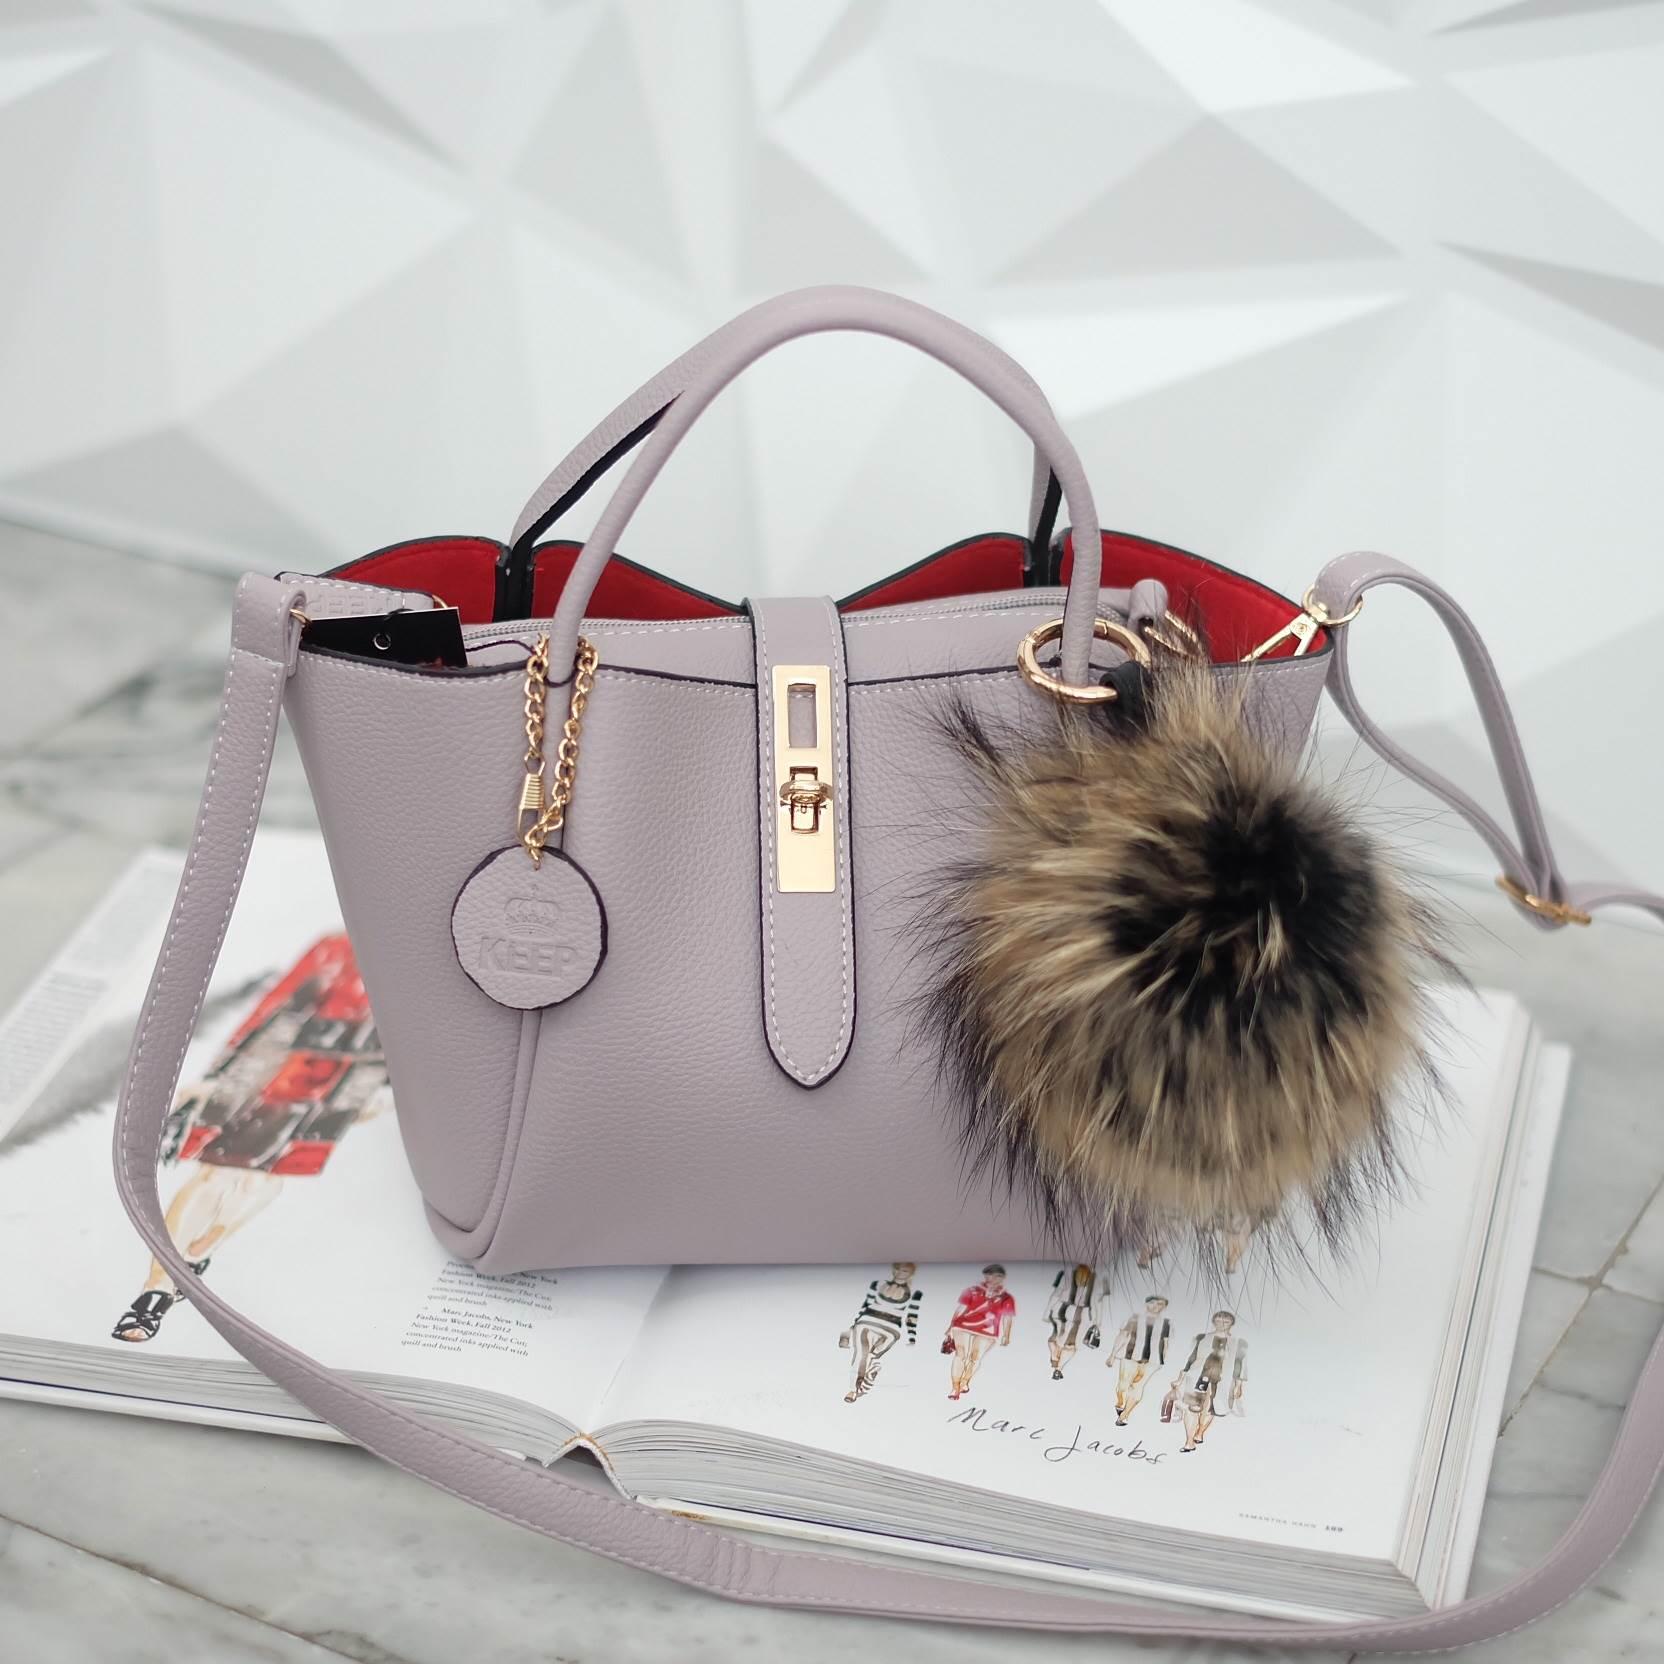 กระเป๋าสะพาย มาพร้อมปอมๆ KEEP Everyday Keep Handbag ราคา 1,390 บาท Free Ems